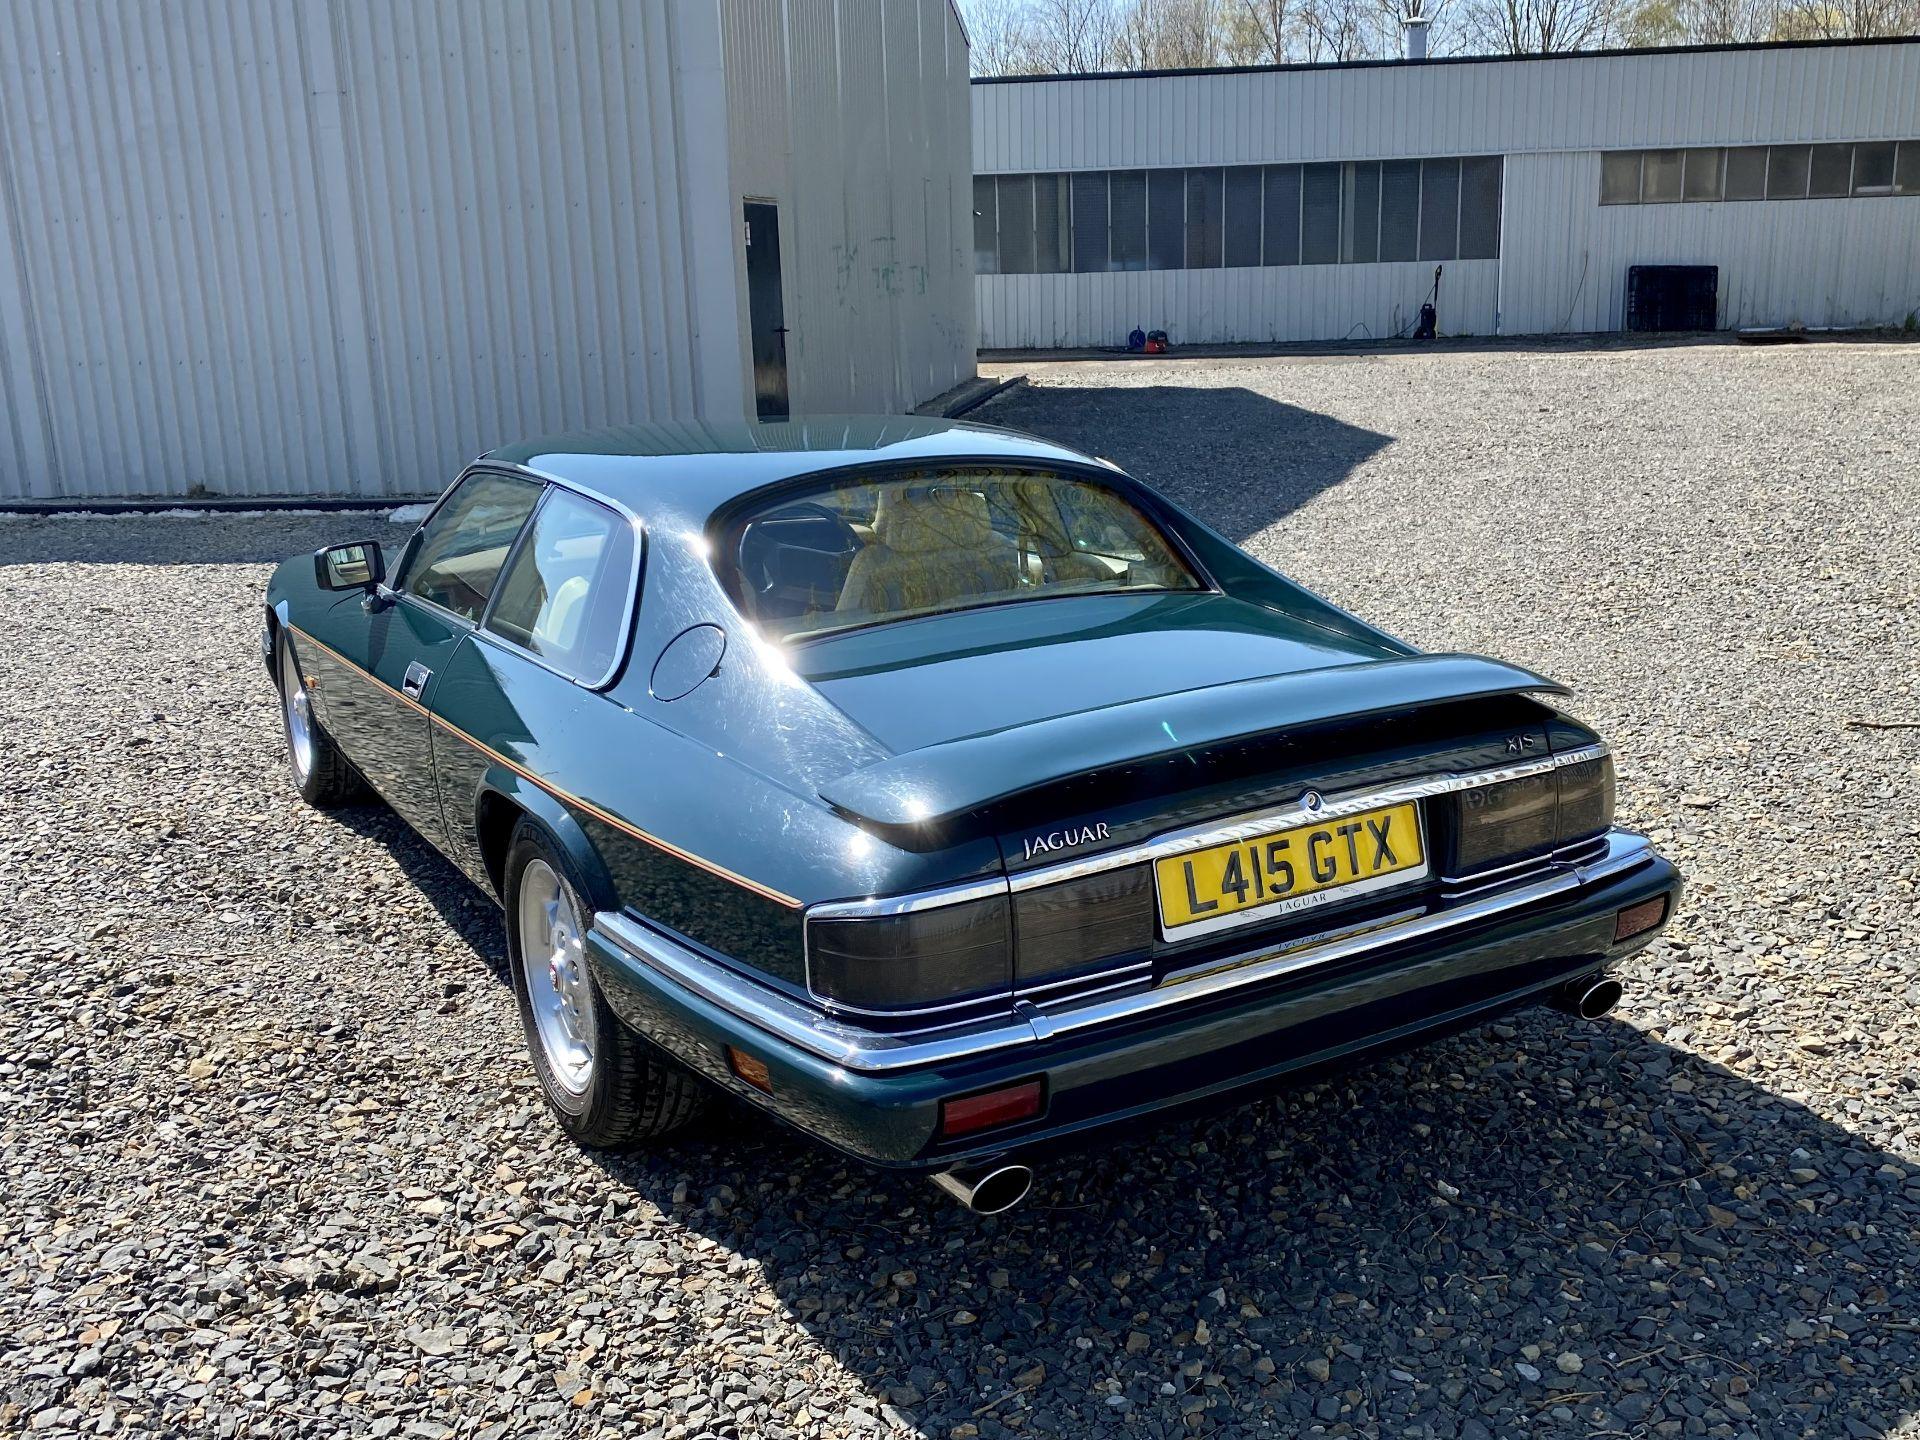 Jaguar XJS coupe - Image 9 of 64